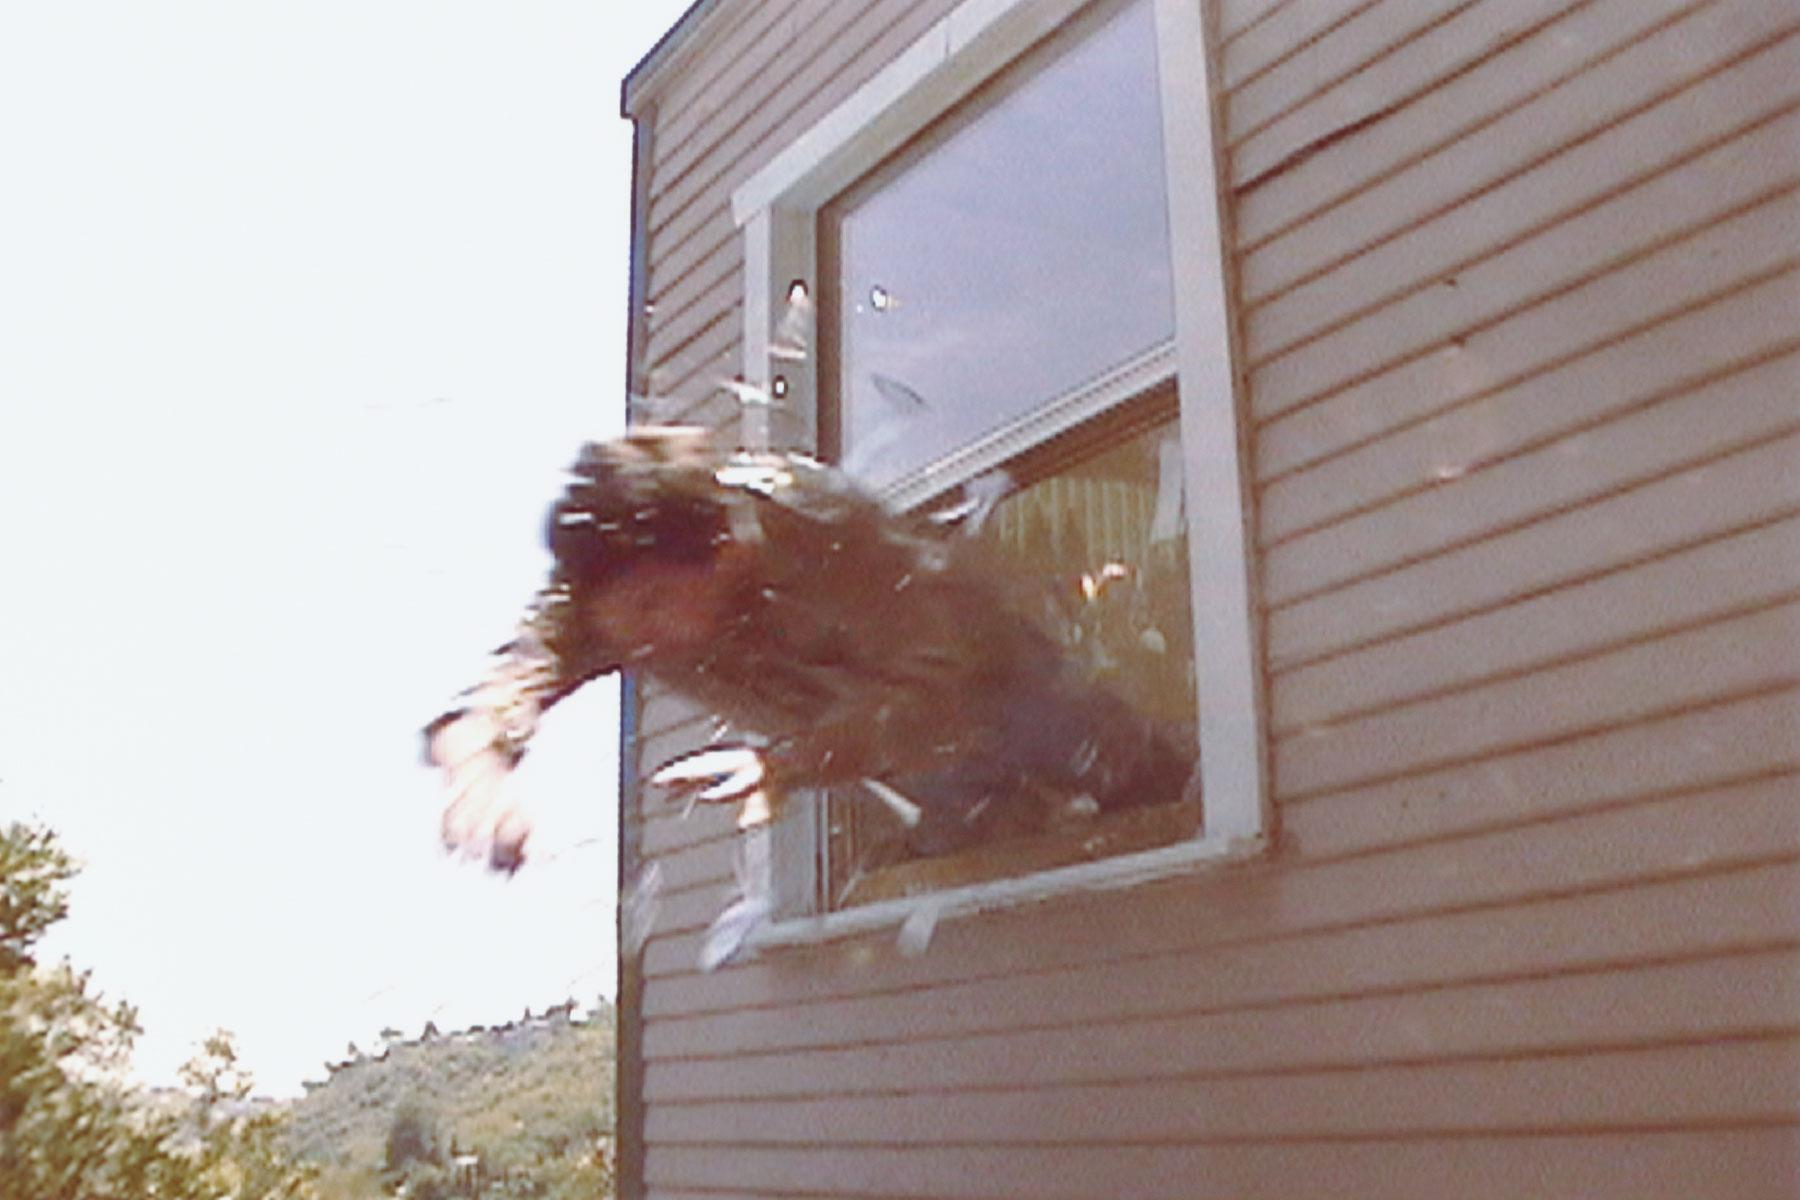 Bị 2 sinh viên lột đồ cưỡng bức, người đàn ông phi thân qua cửa sổ và cái kết - 1